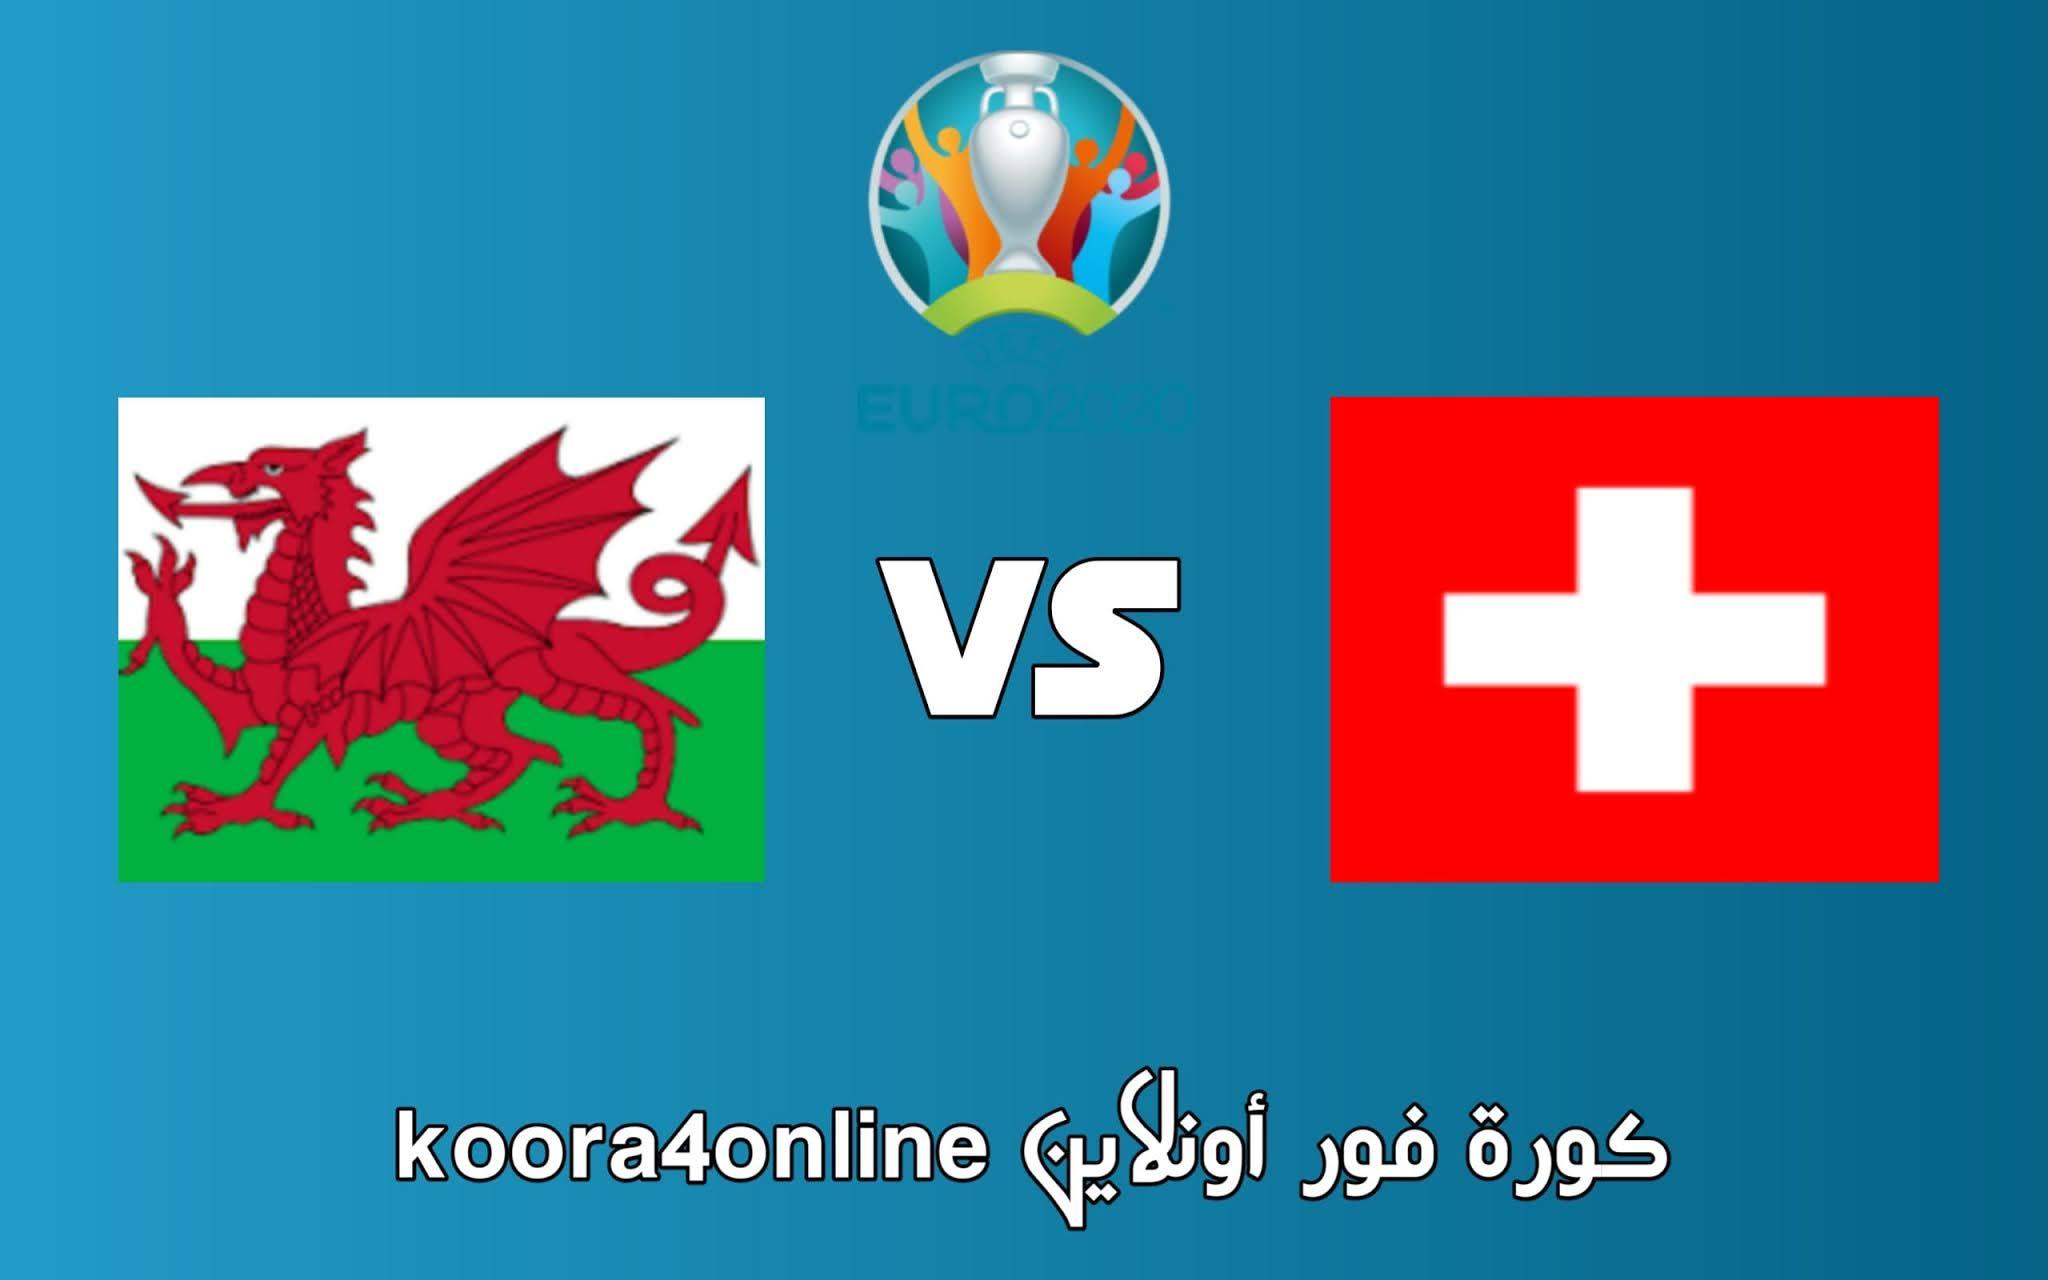 مشاهدة مباراة ويلز و سويسرا اليوم 12-06-2021 في  كأس أمم أوروبا